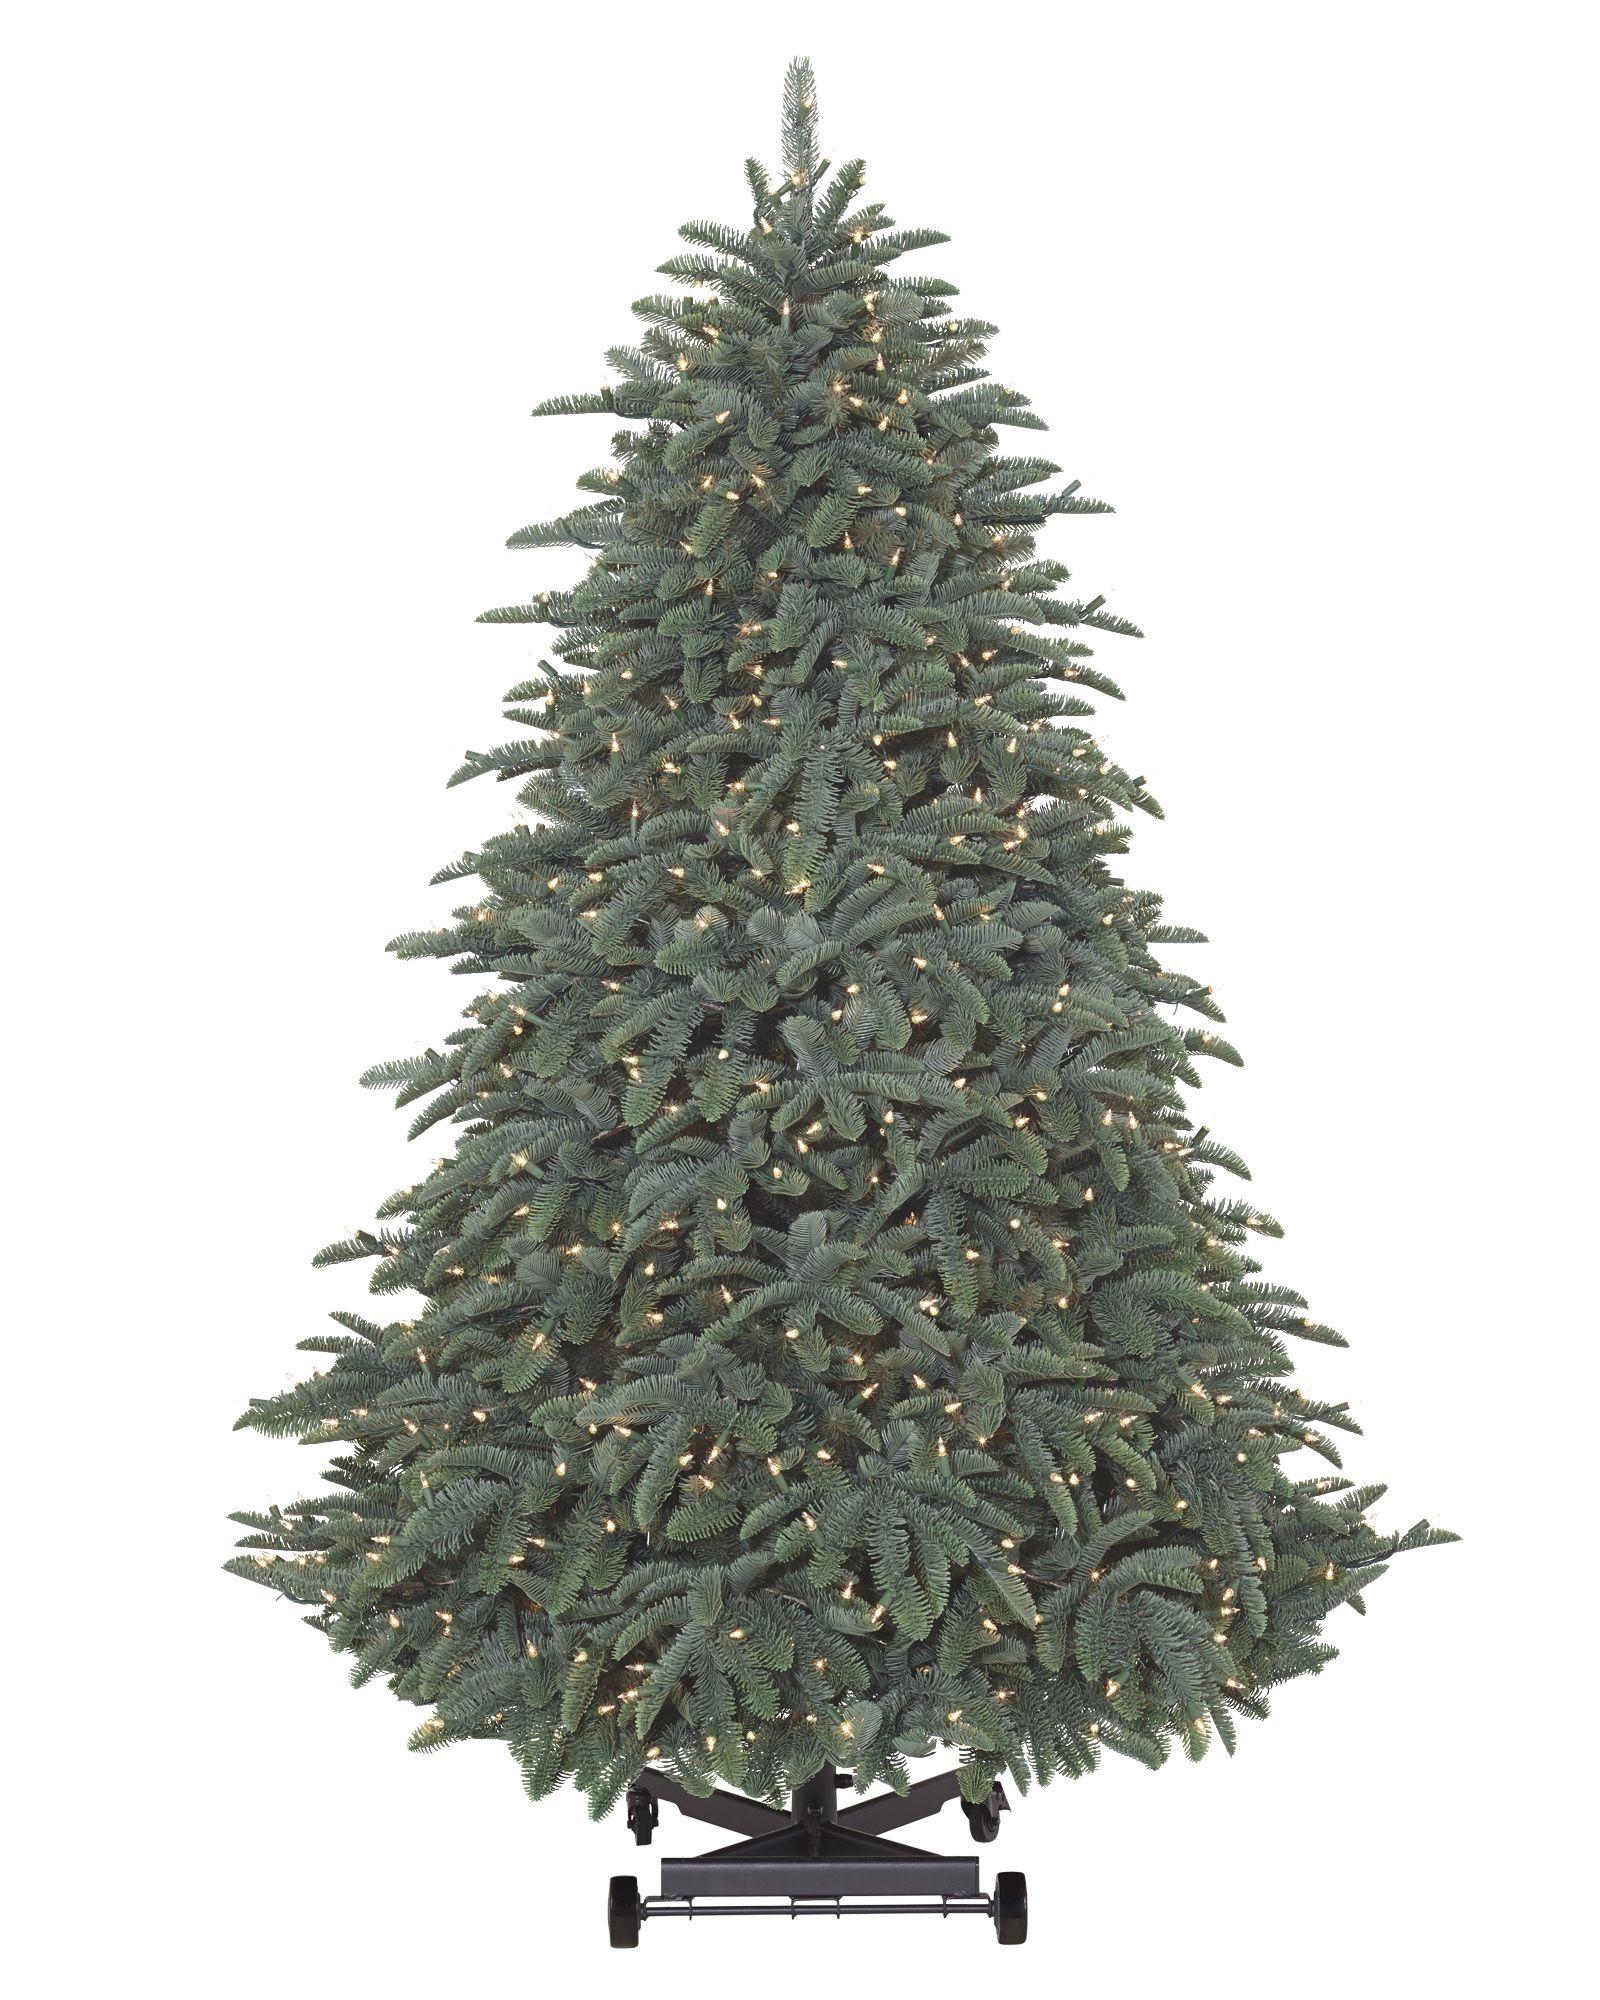 Bh Balsam Fir: BH Noble Fir Flip Tree&trade